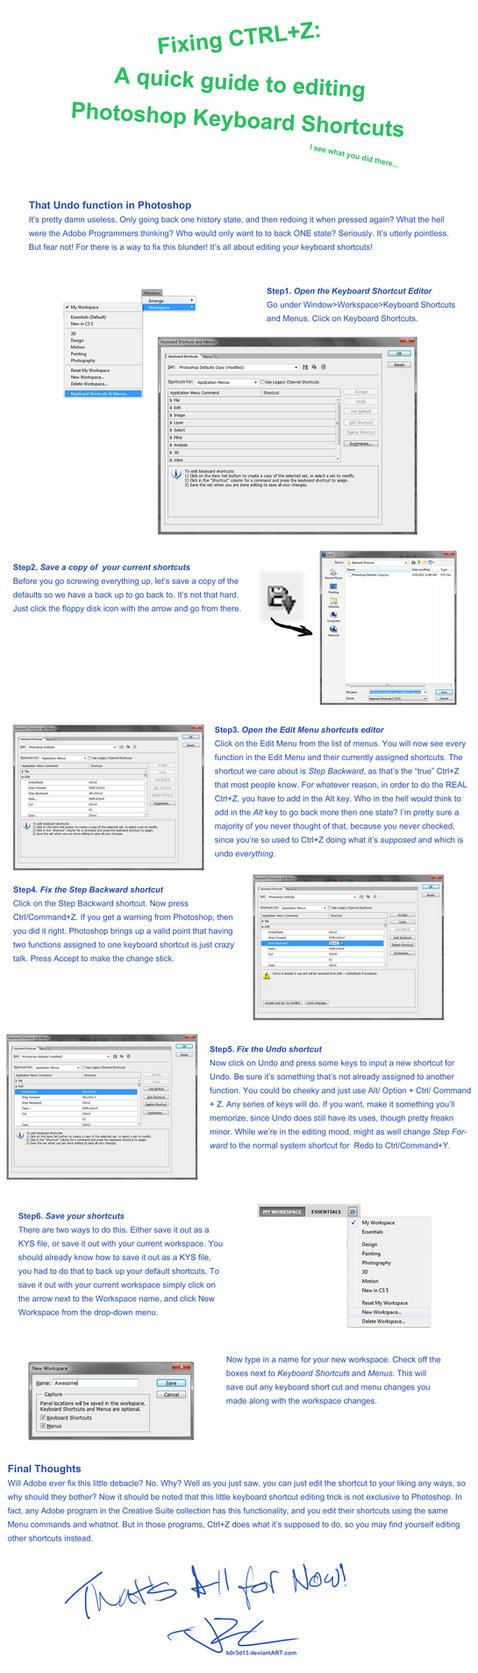 Fixing Ctrl+Z in Photoshop by JRCnrd